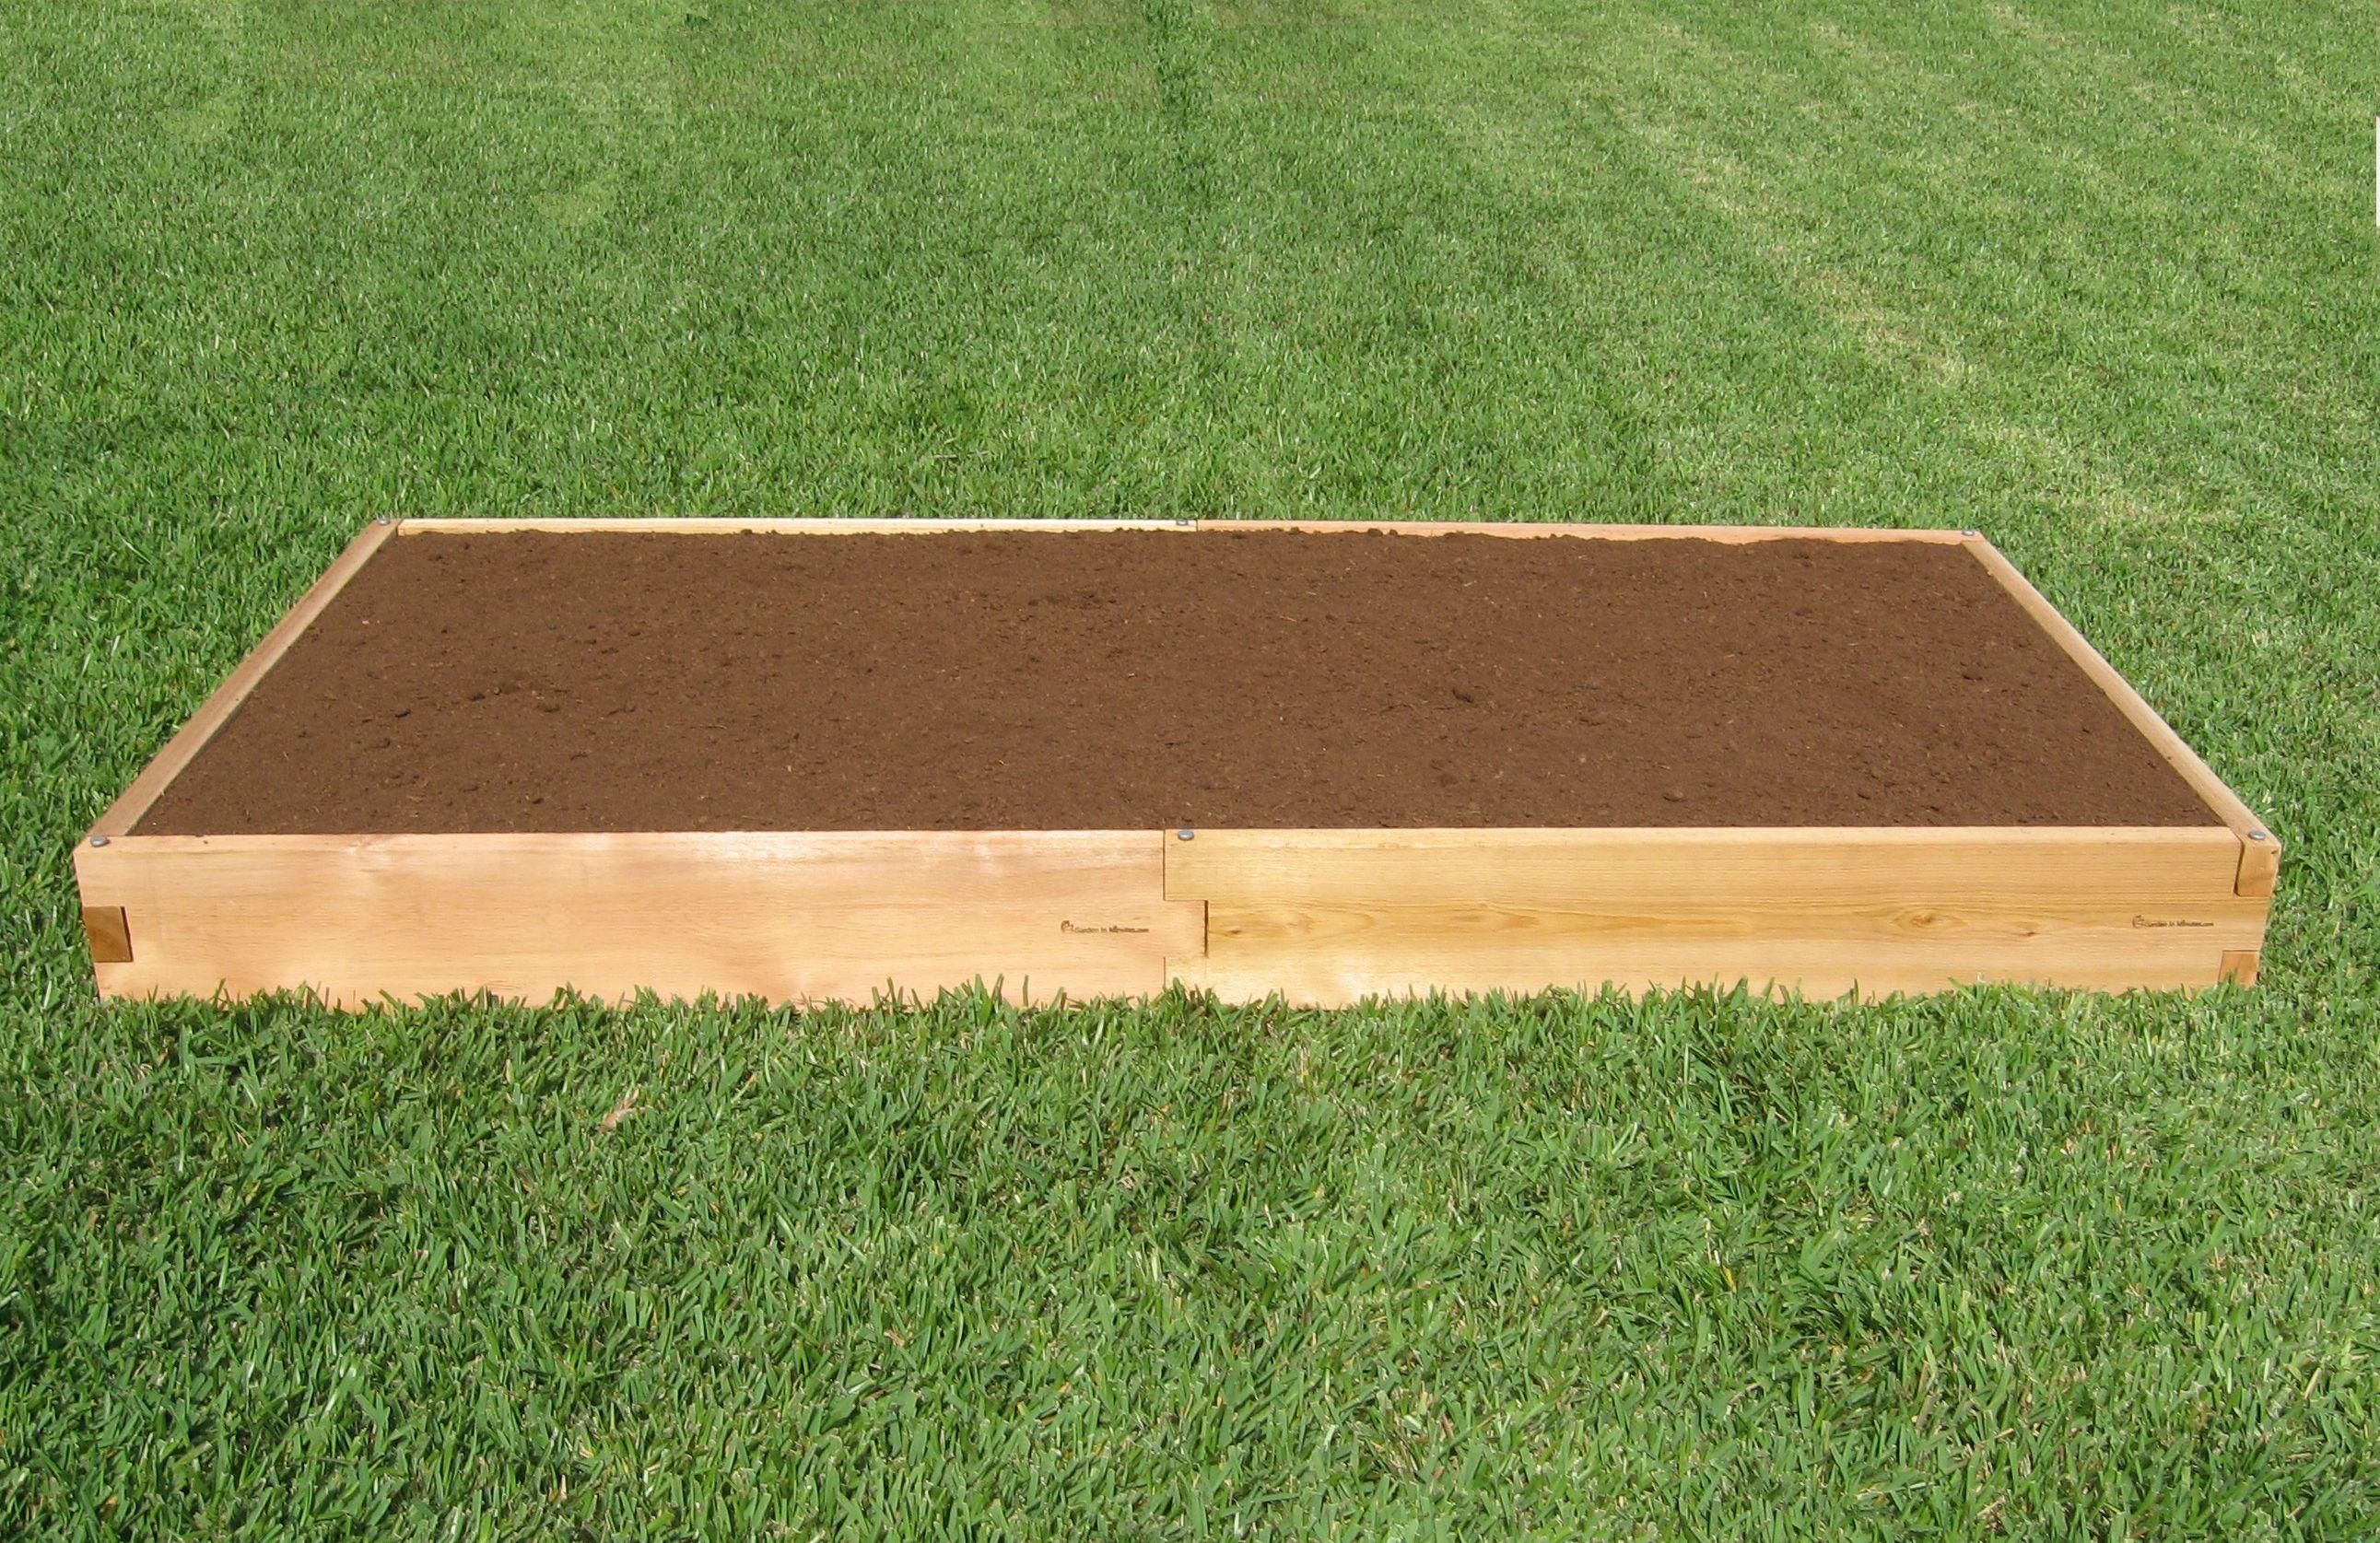 4x8 Raised Garden Bed by . Modular